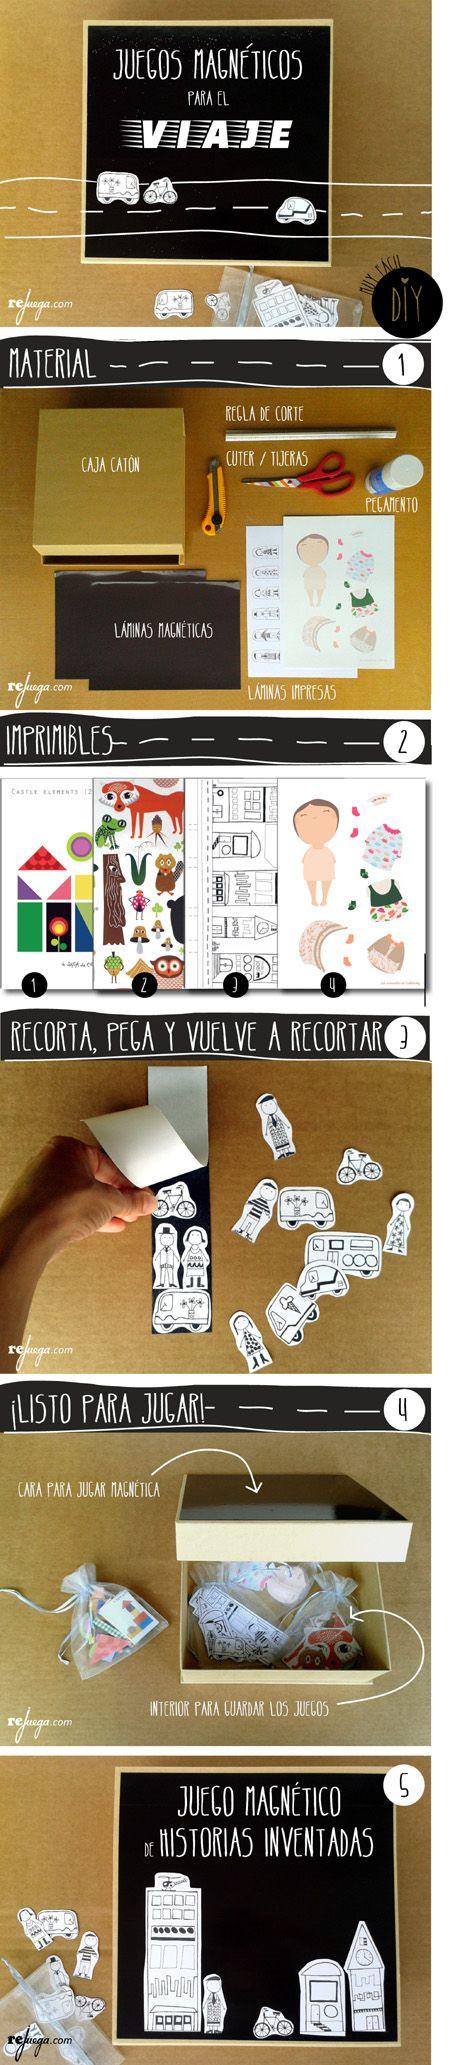 DIY sencillo para crear juegos de mesa magnéticos para niños. Ideal para llevar de viaje con los niños